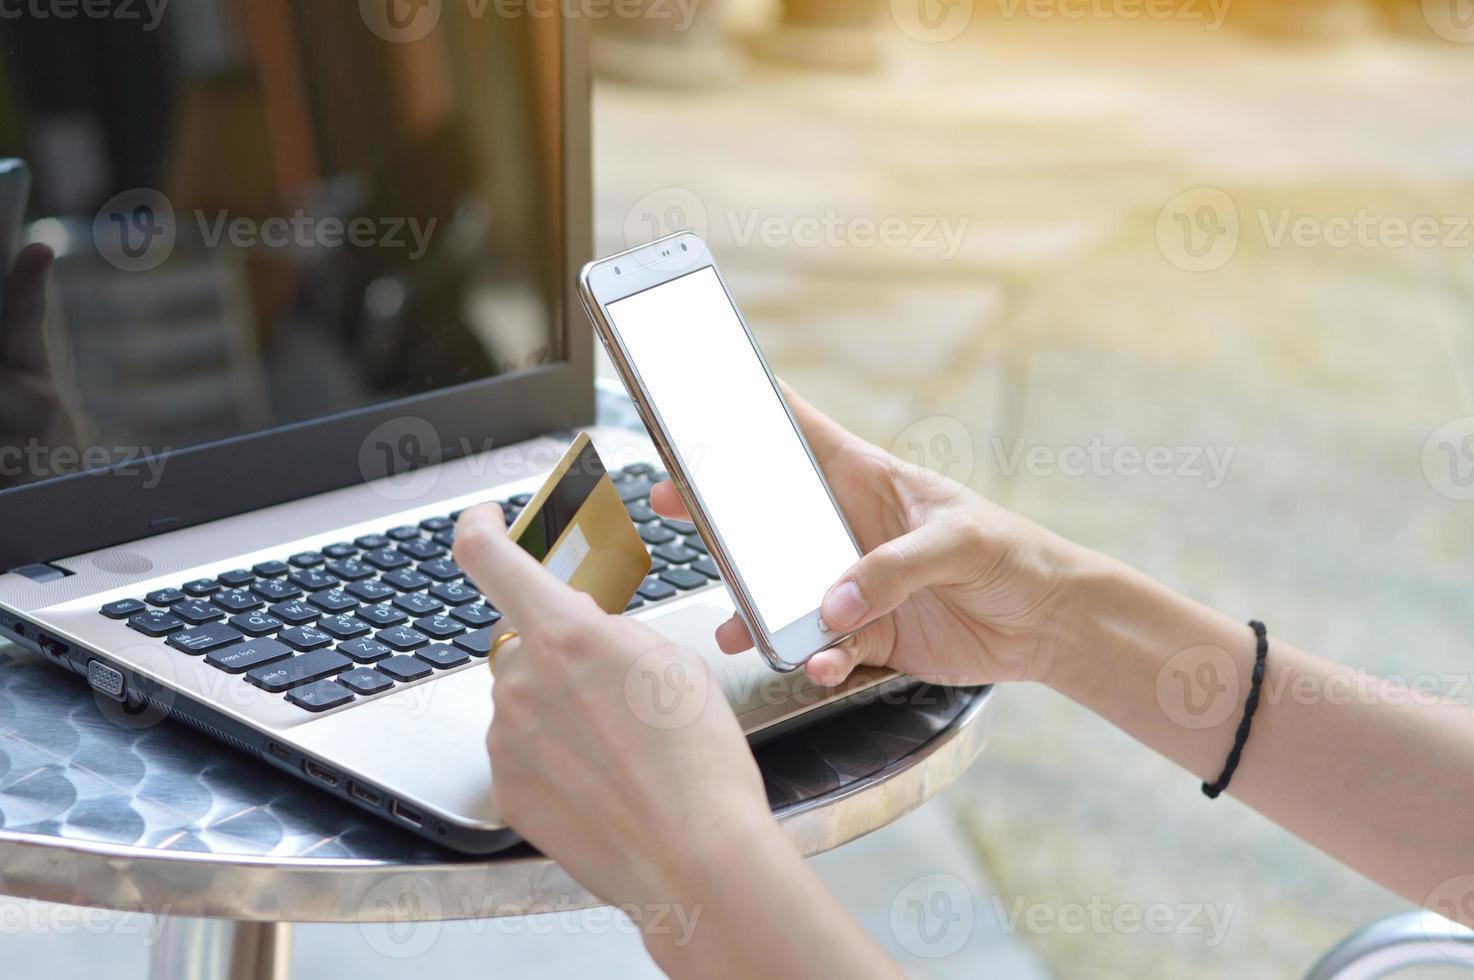 utiliser un smartphone pour acheter en ligne avec une carte de crédit photo